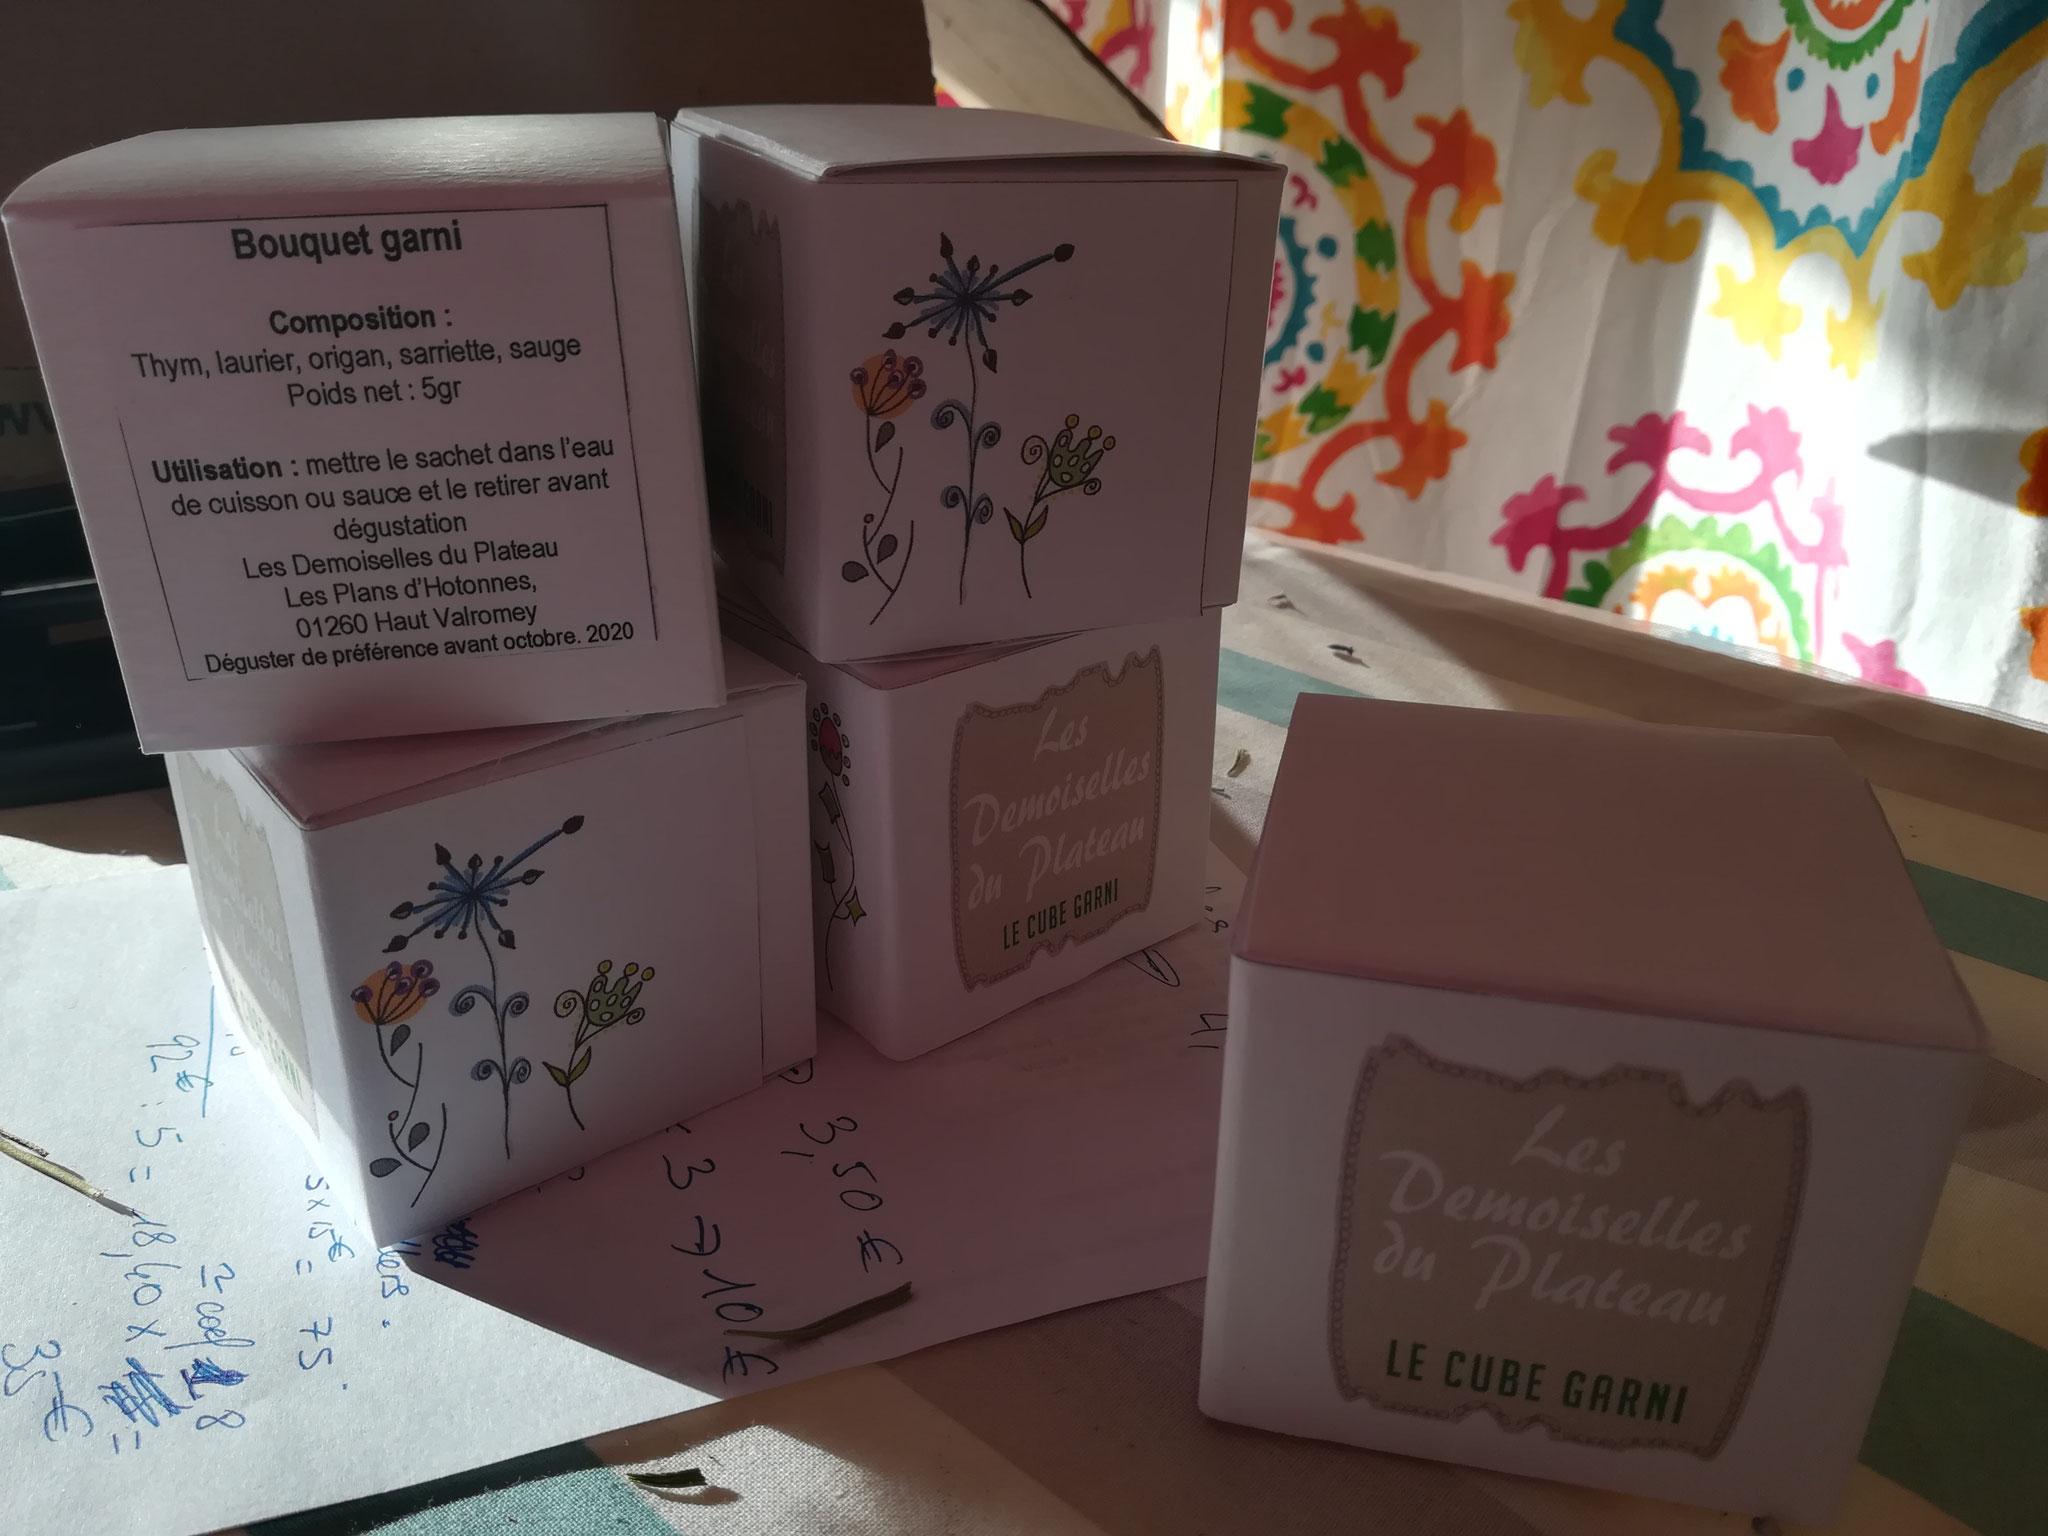 Cube garni (sachet de thé rempli d'un bouquet garni)